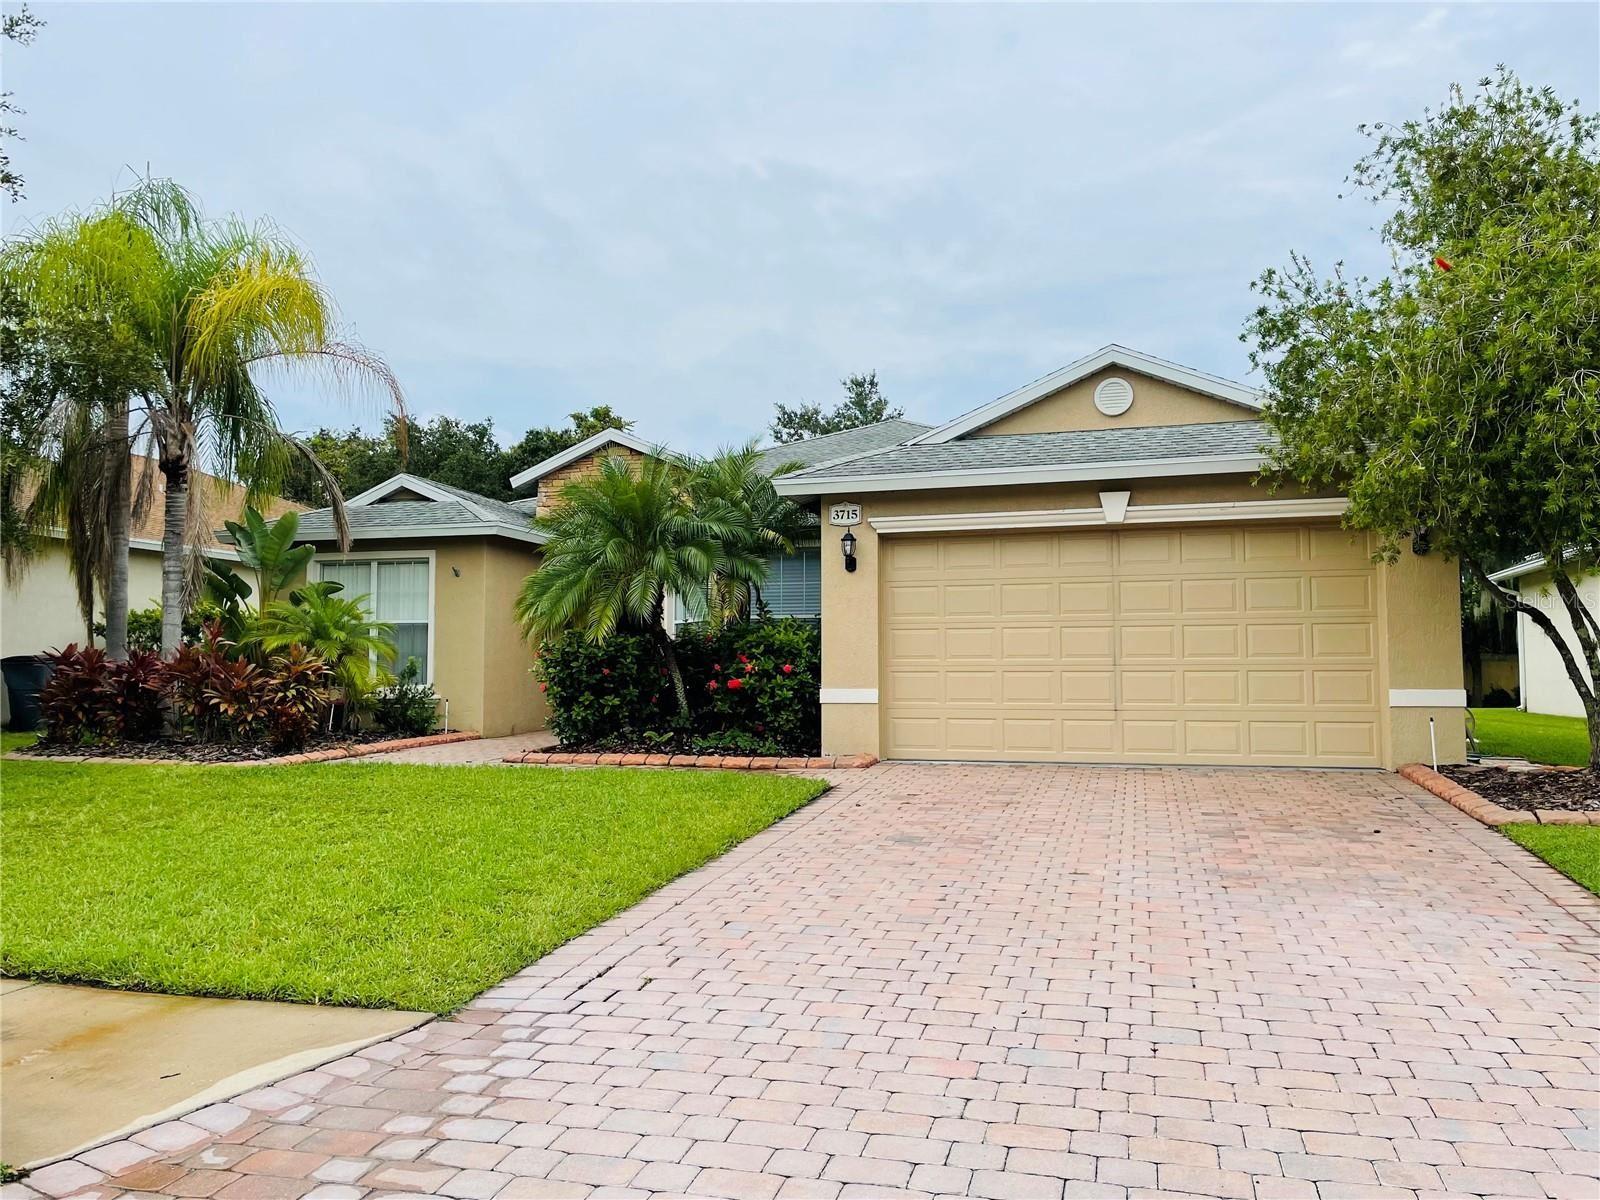 3715 65TH AVENUE E, Sarasota, FL 34243 - #: A4512589